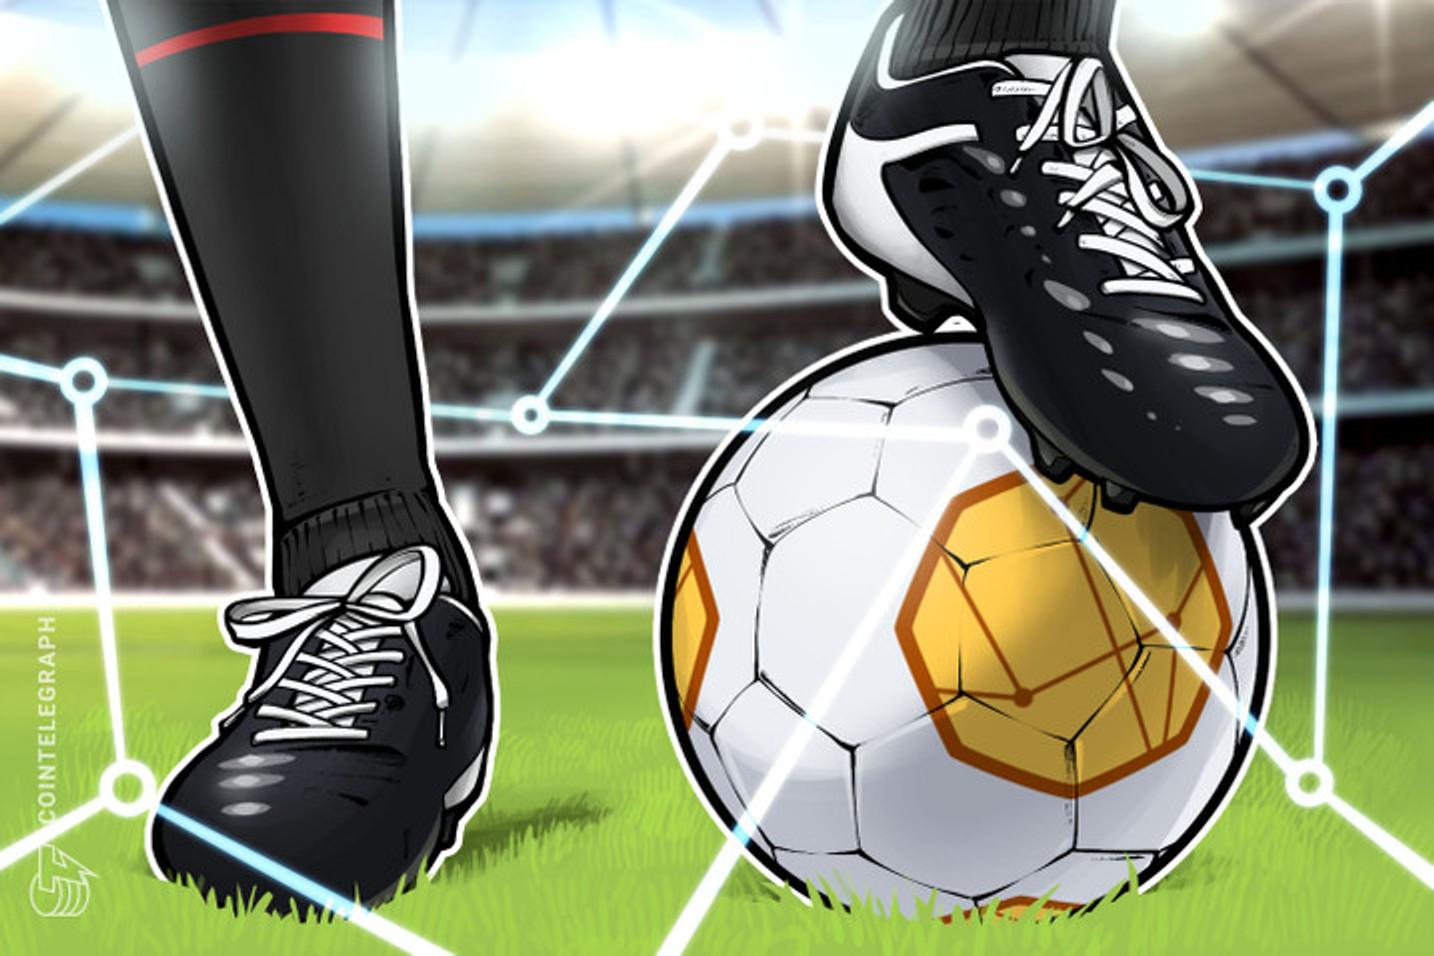 Vasco da Gama aposta em valorização de criptomoeda com convocação de jogadores para Seleção Olímpica